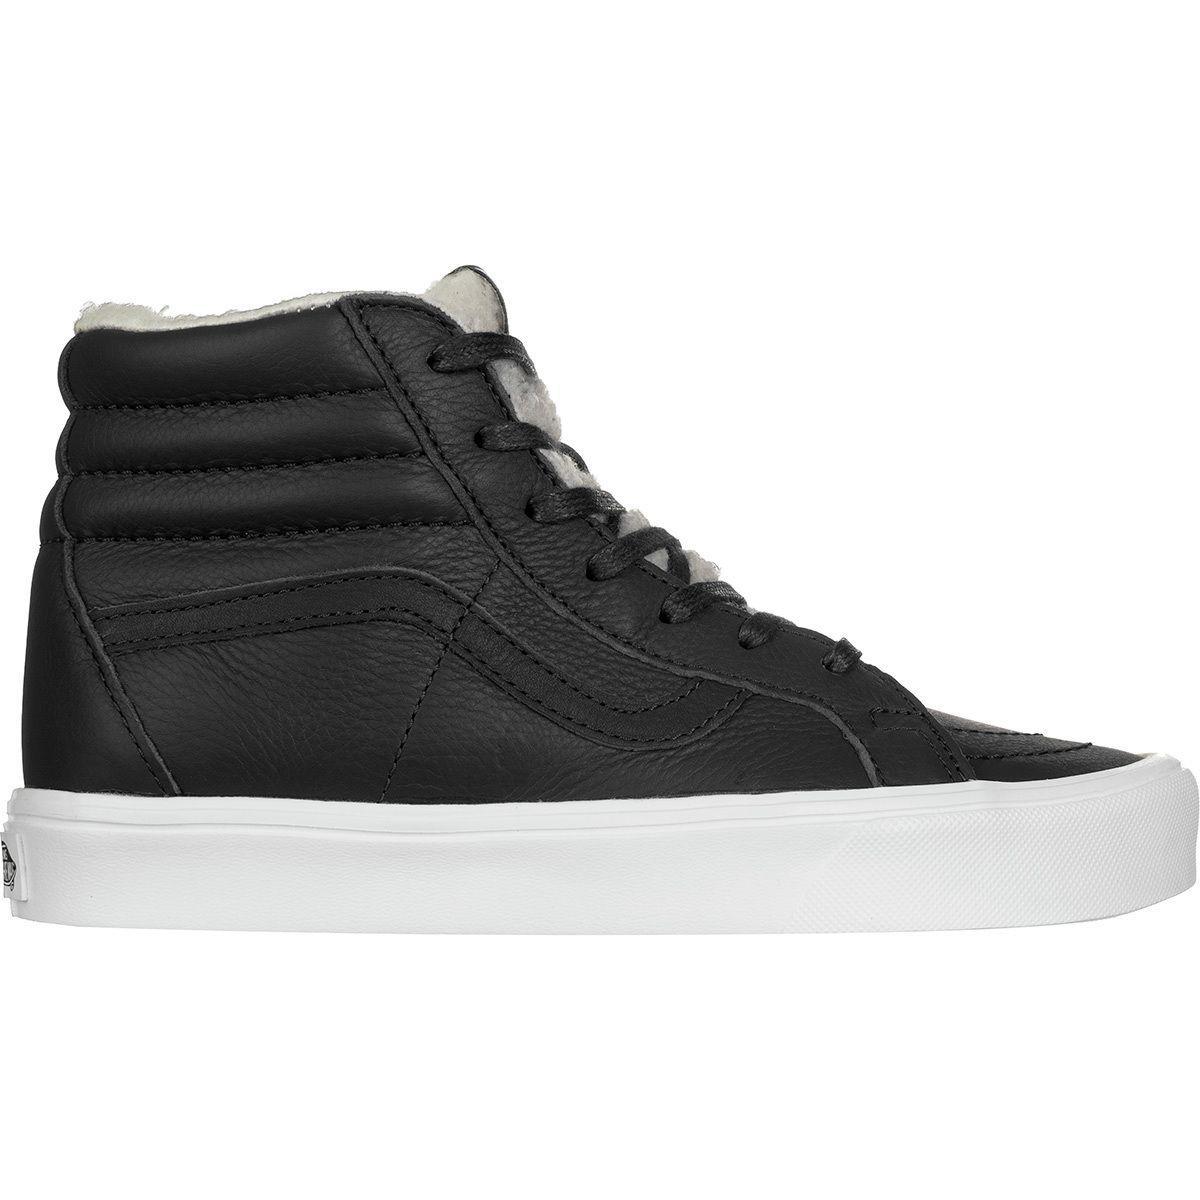 352ec08e2e Lyst - Vans Sk8-hi Reissue Lite in Black for Men